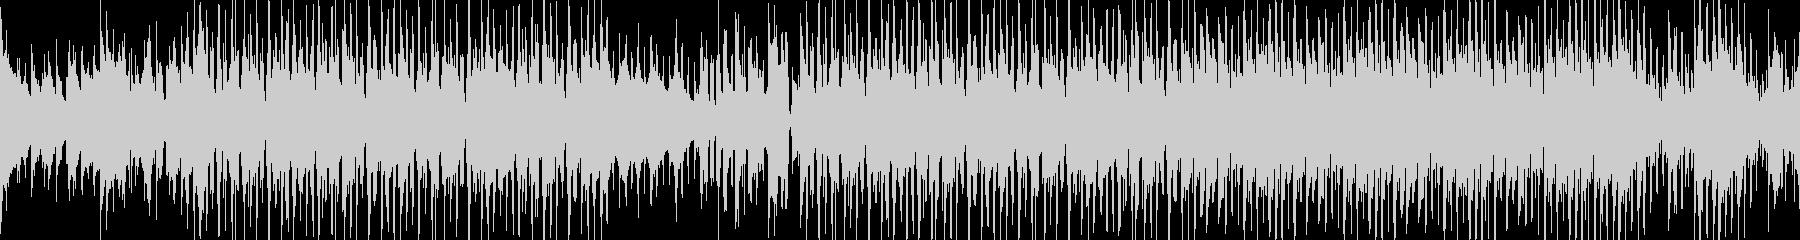 アコギメインでテンポ良いオシャレ曲です。の未再生の波形